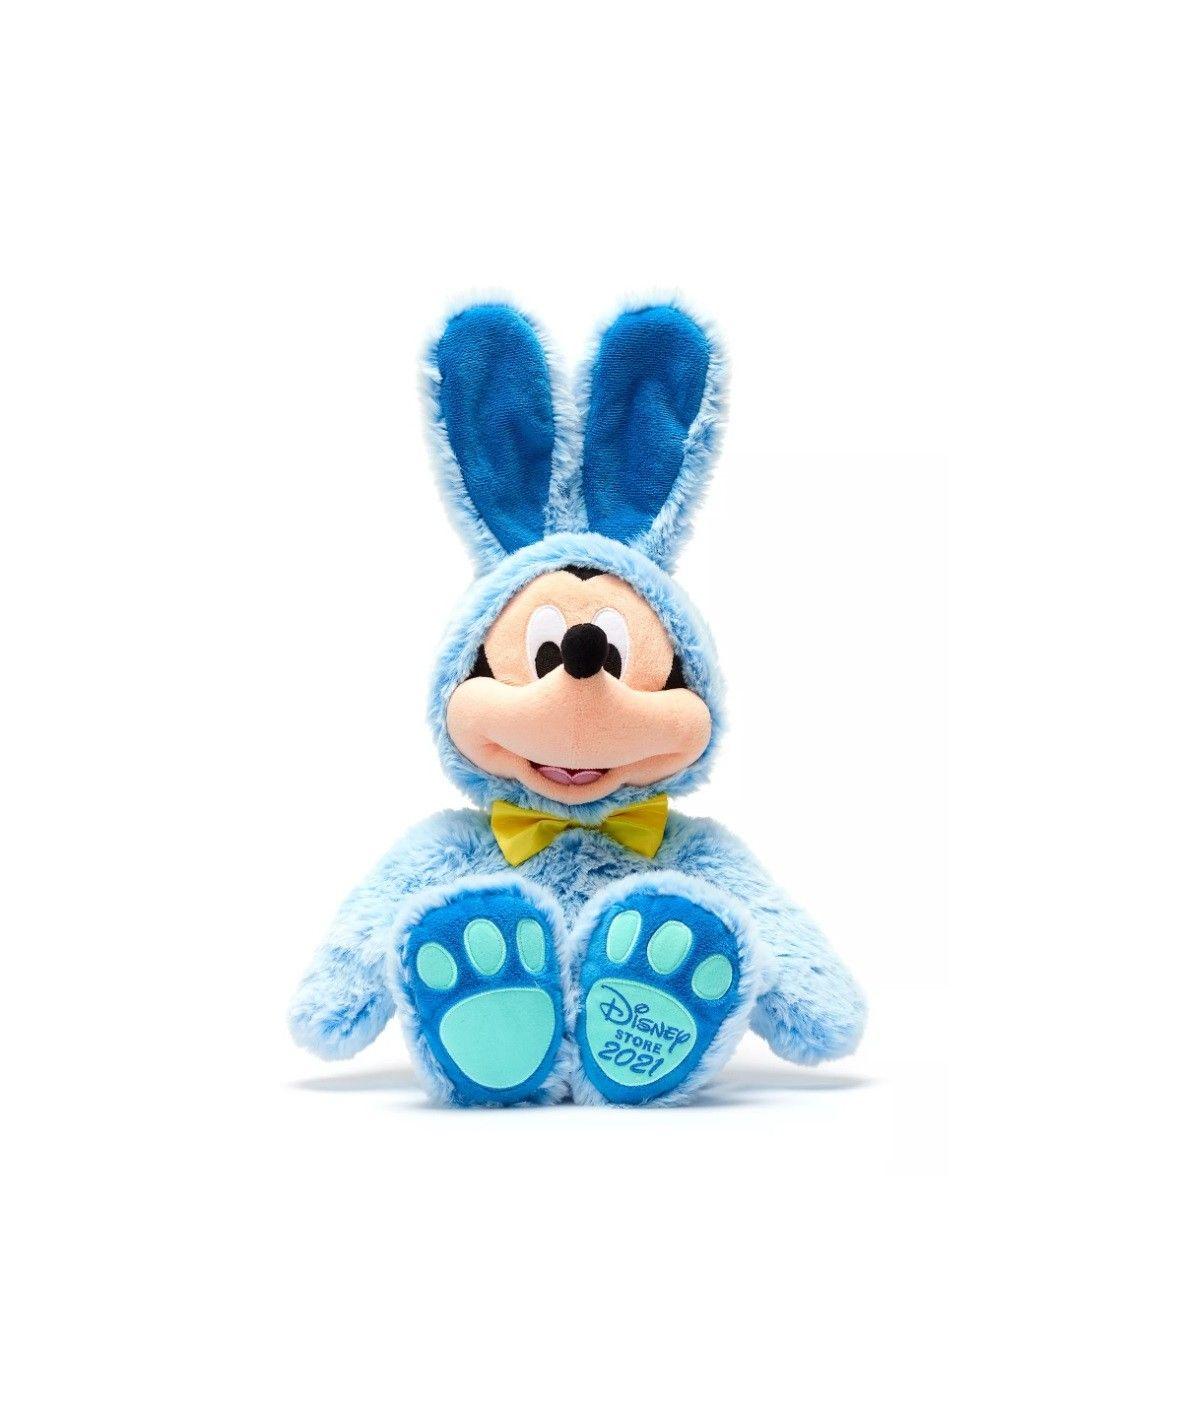 Peluche Topolino coniglietto pasquale 2021 Disney Store